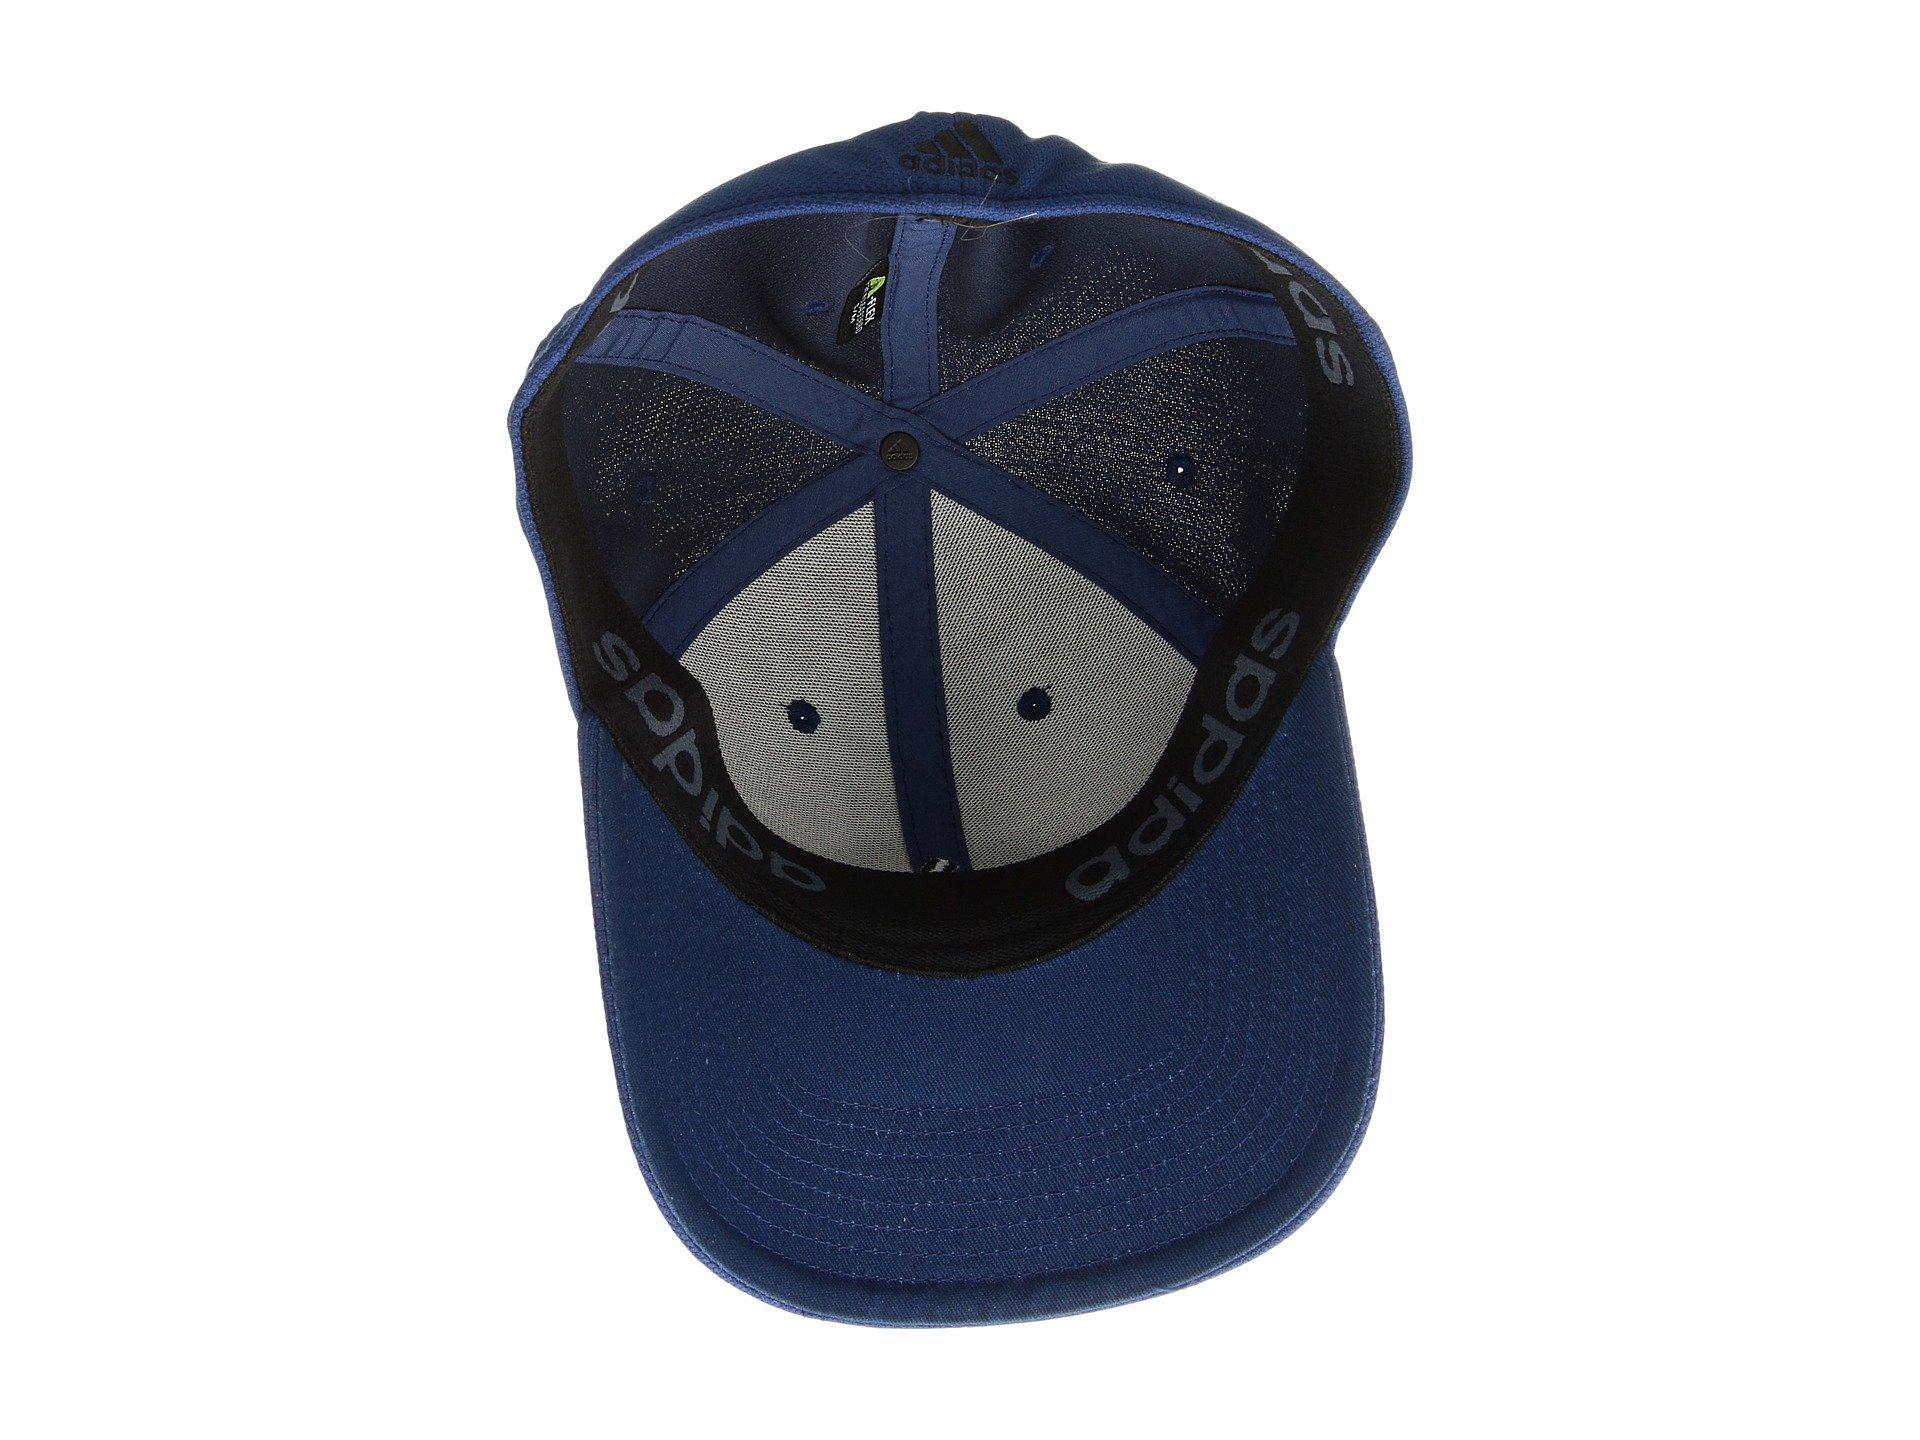 Lyst - Adidas Rucker Stretch Fit (onix) Caps in Blue for Men 805f1dd159f8